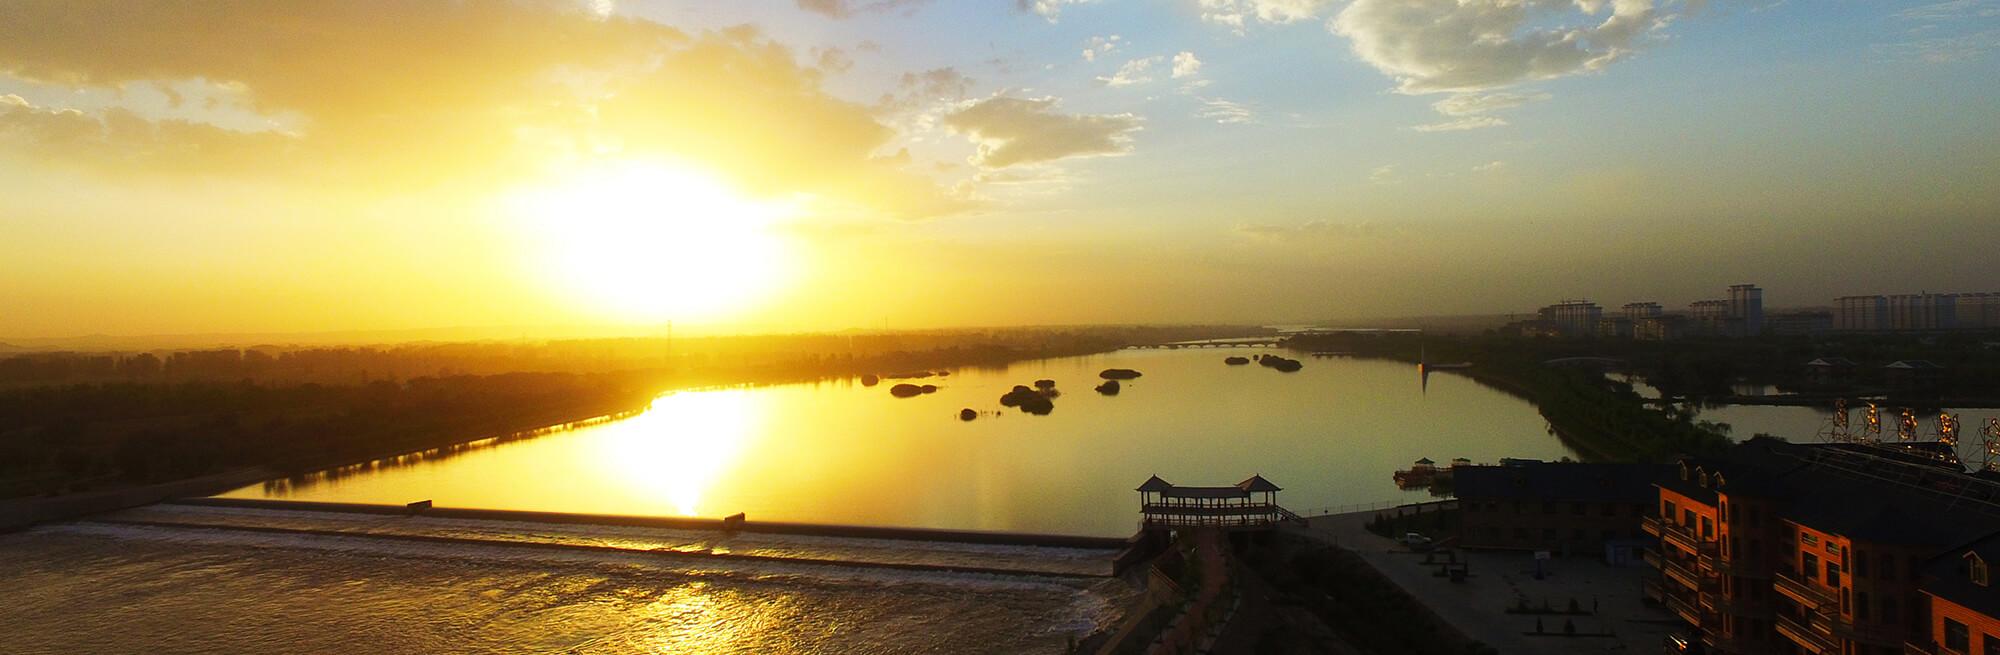 探訪張掖黑河濕地:從城市垃圾場到候鳥的天堂